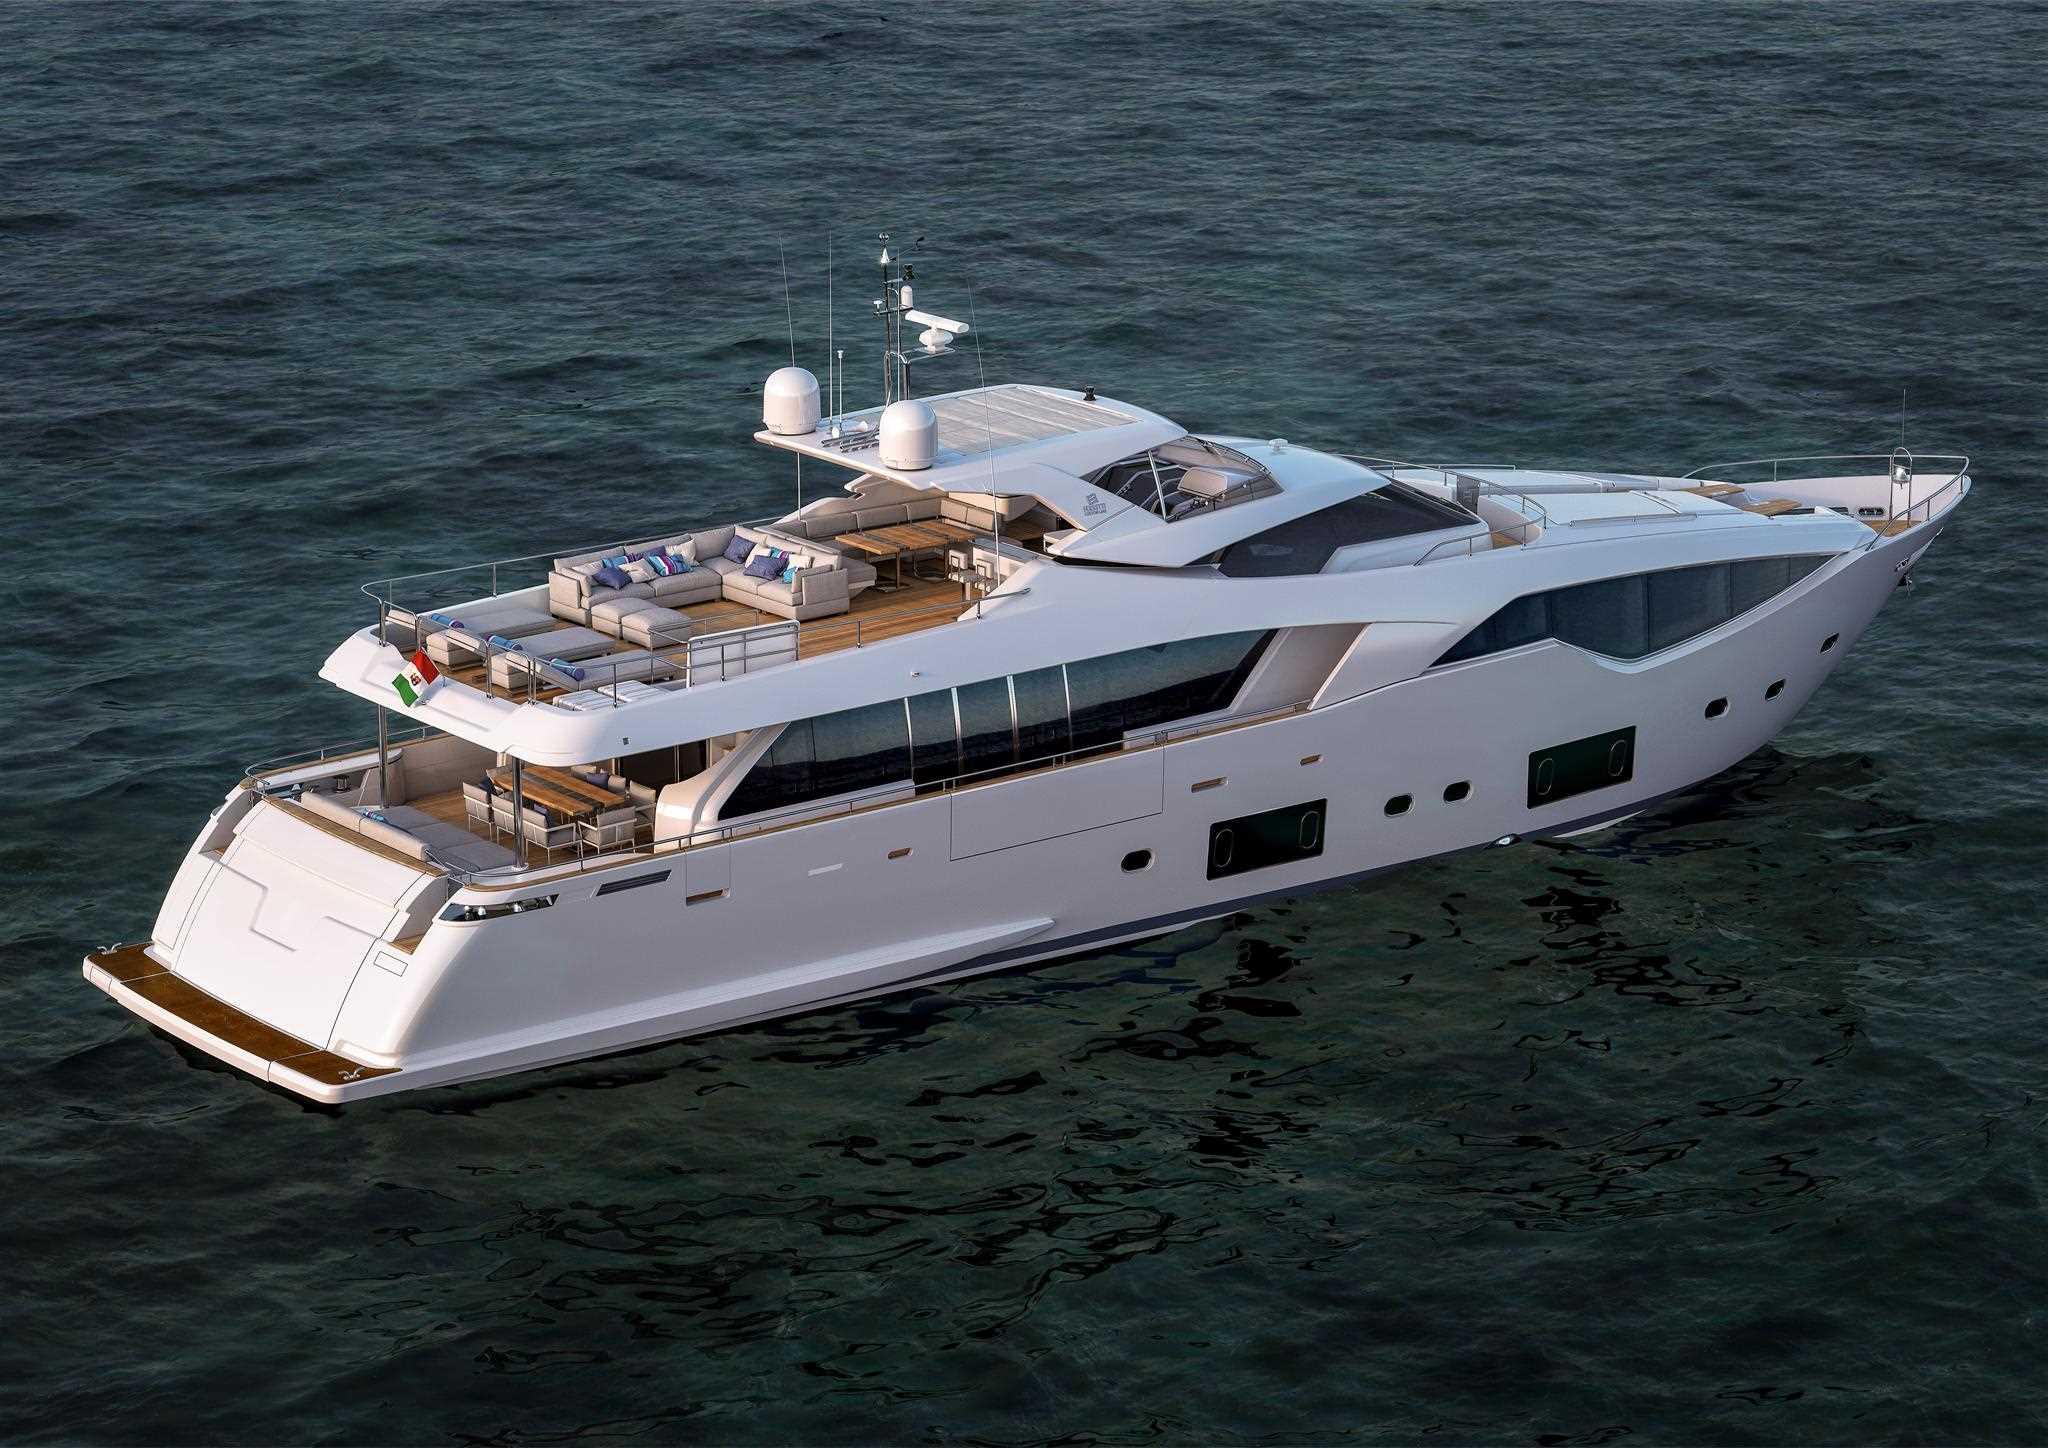 ferretti custom line 108 - ita yachts canada